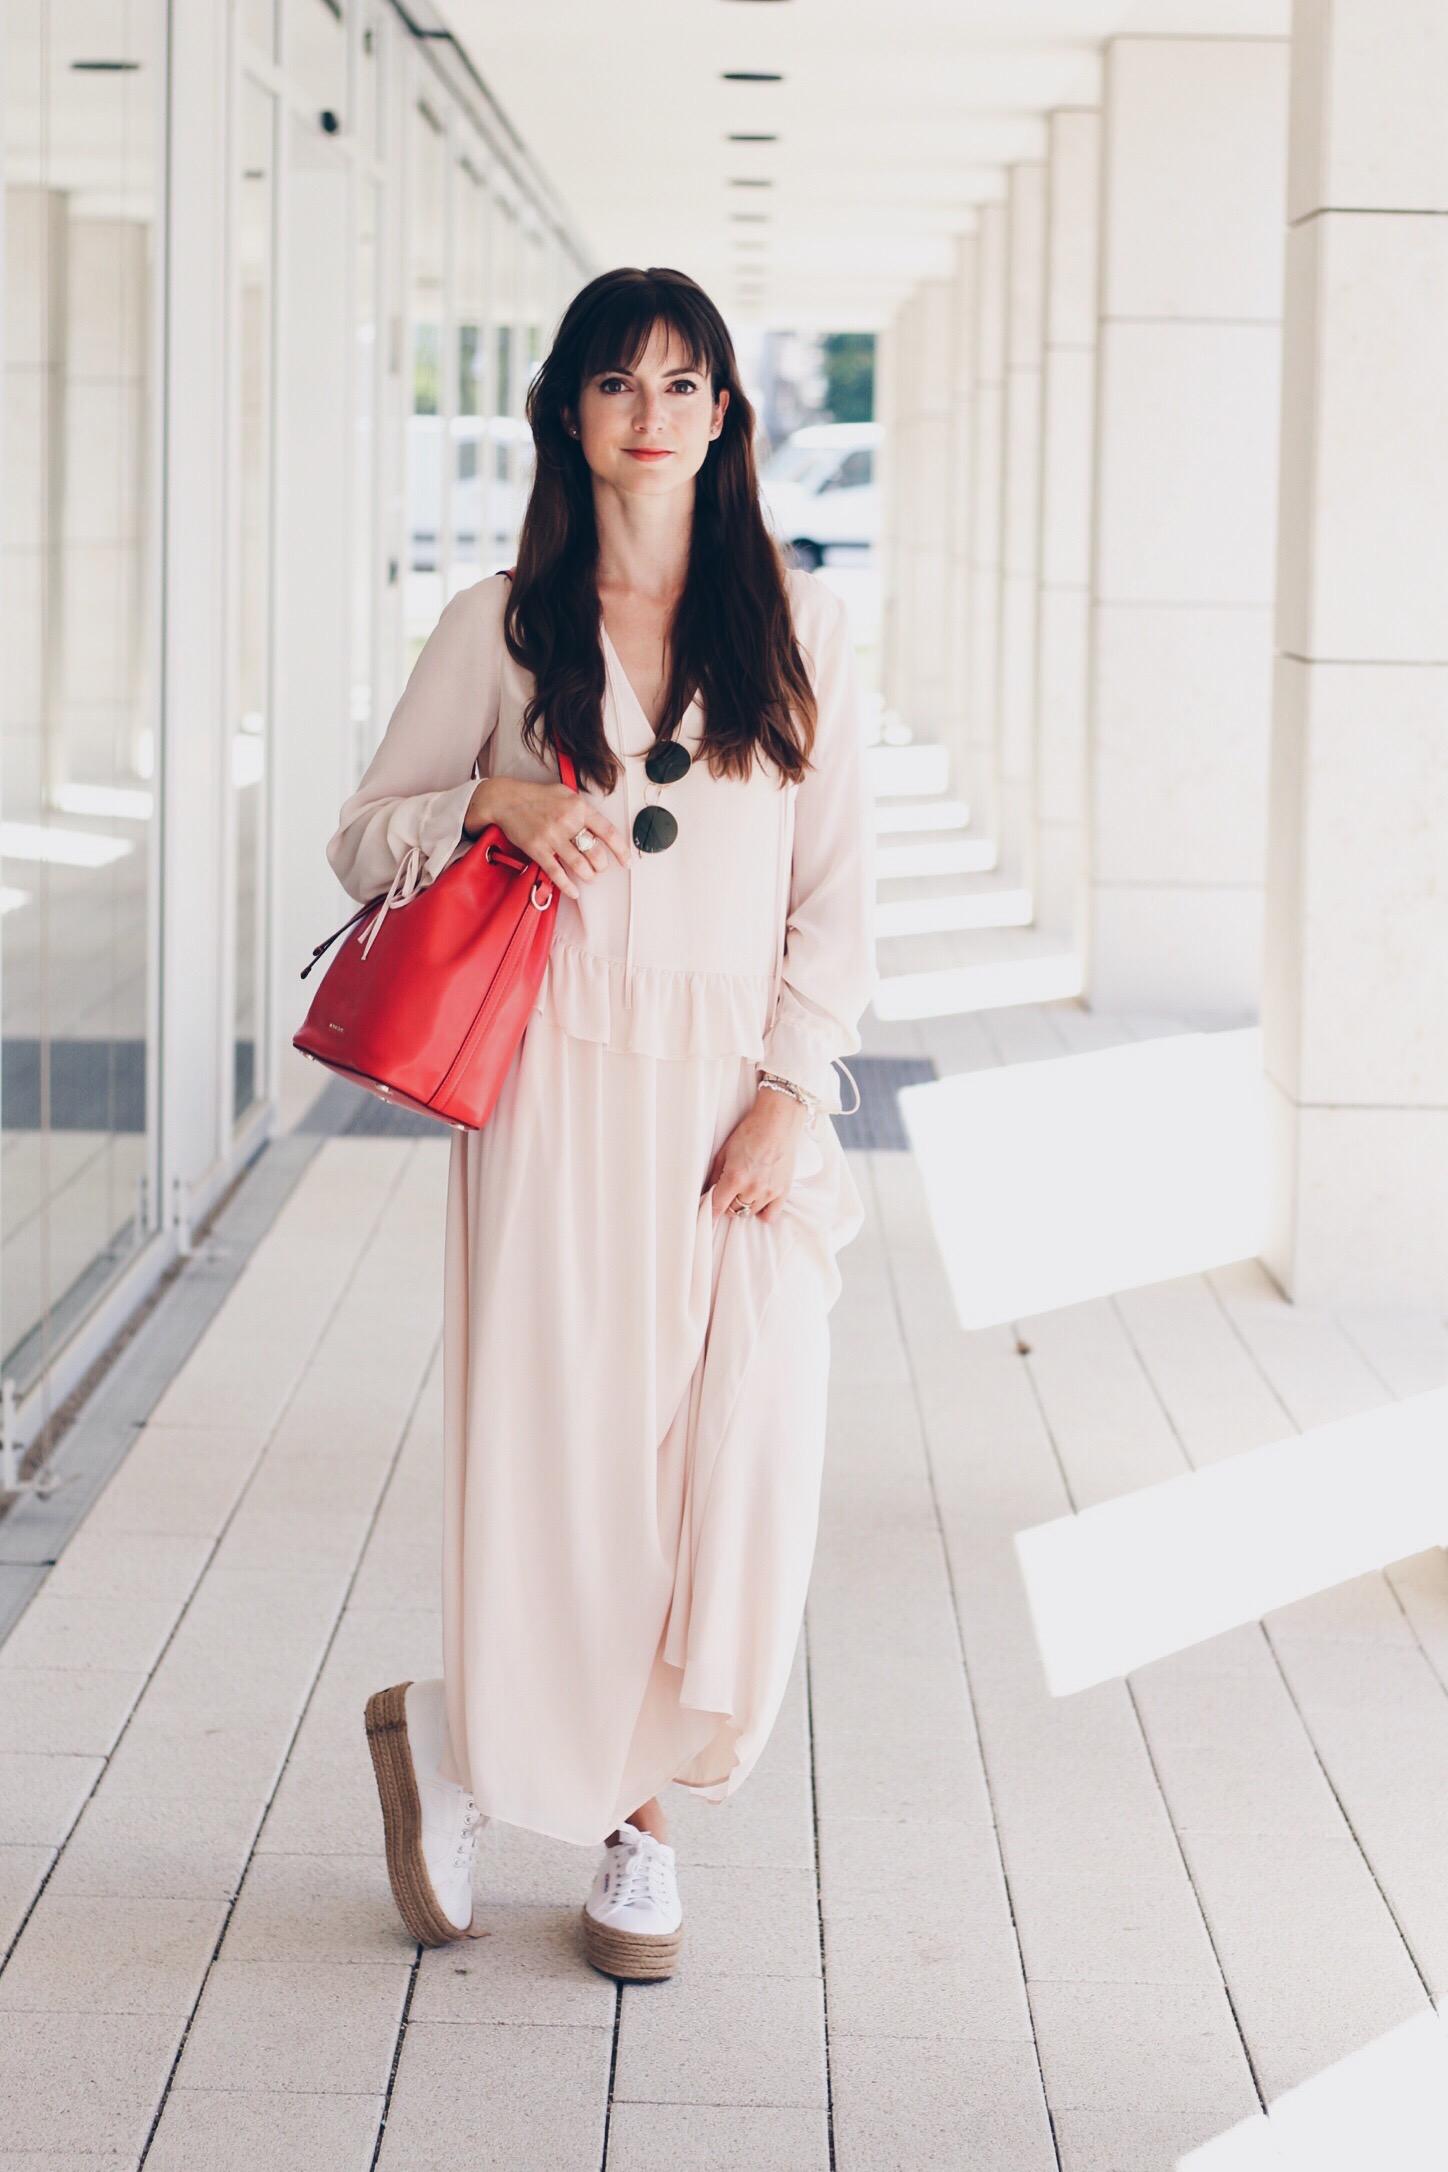 Michael Kors Bucket Bag mit Maxikleid von and other stories für meinen Modeblog als Fashionpost